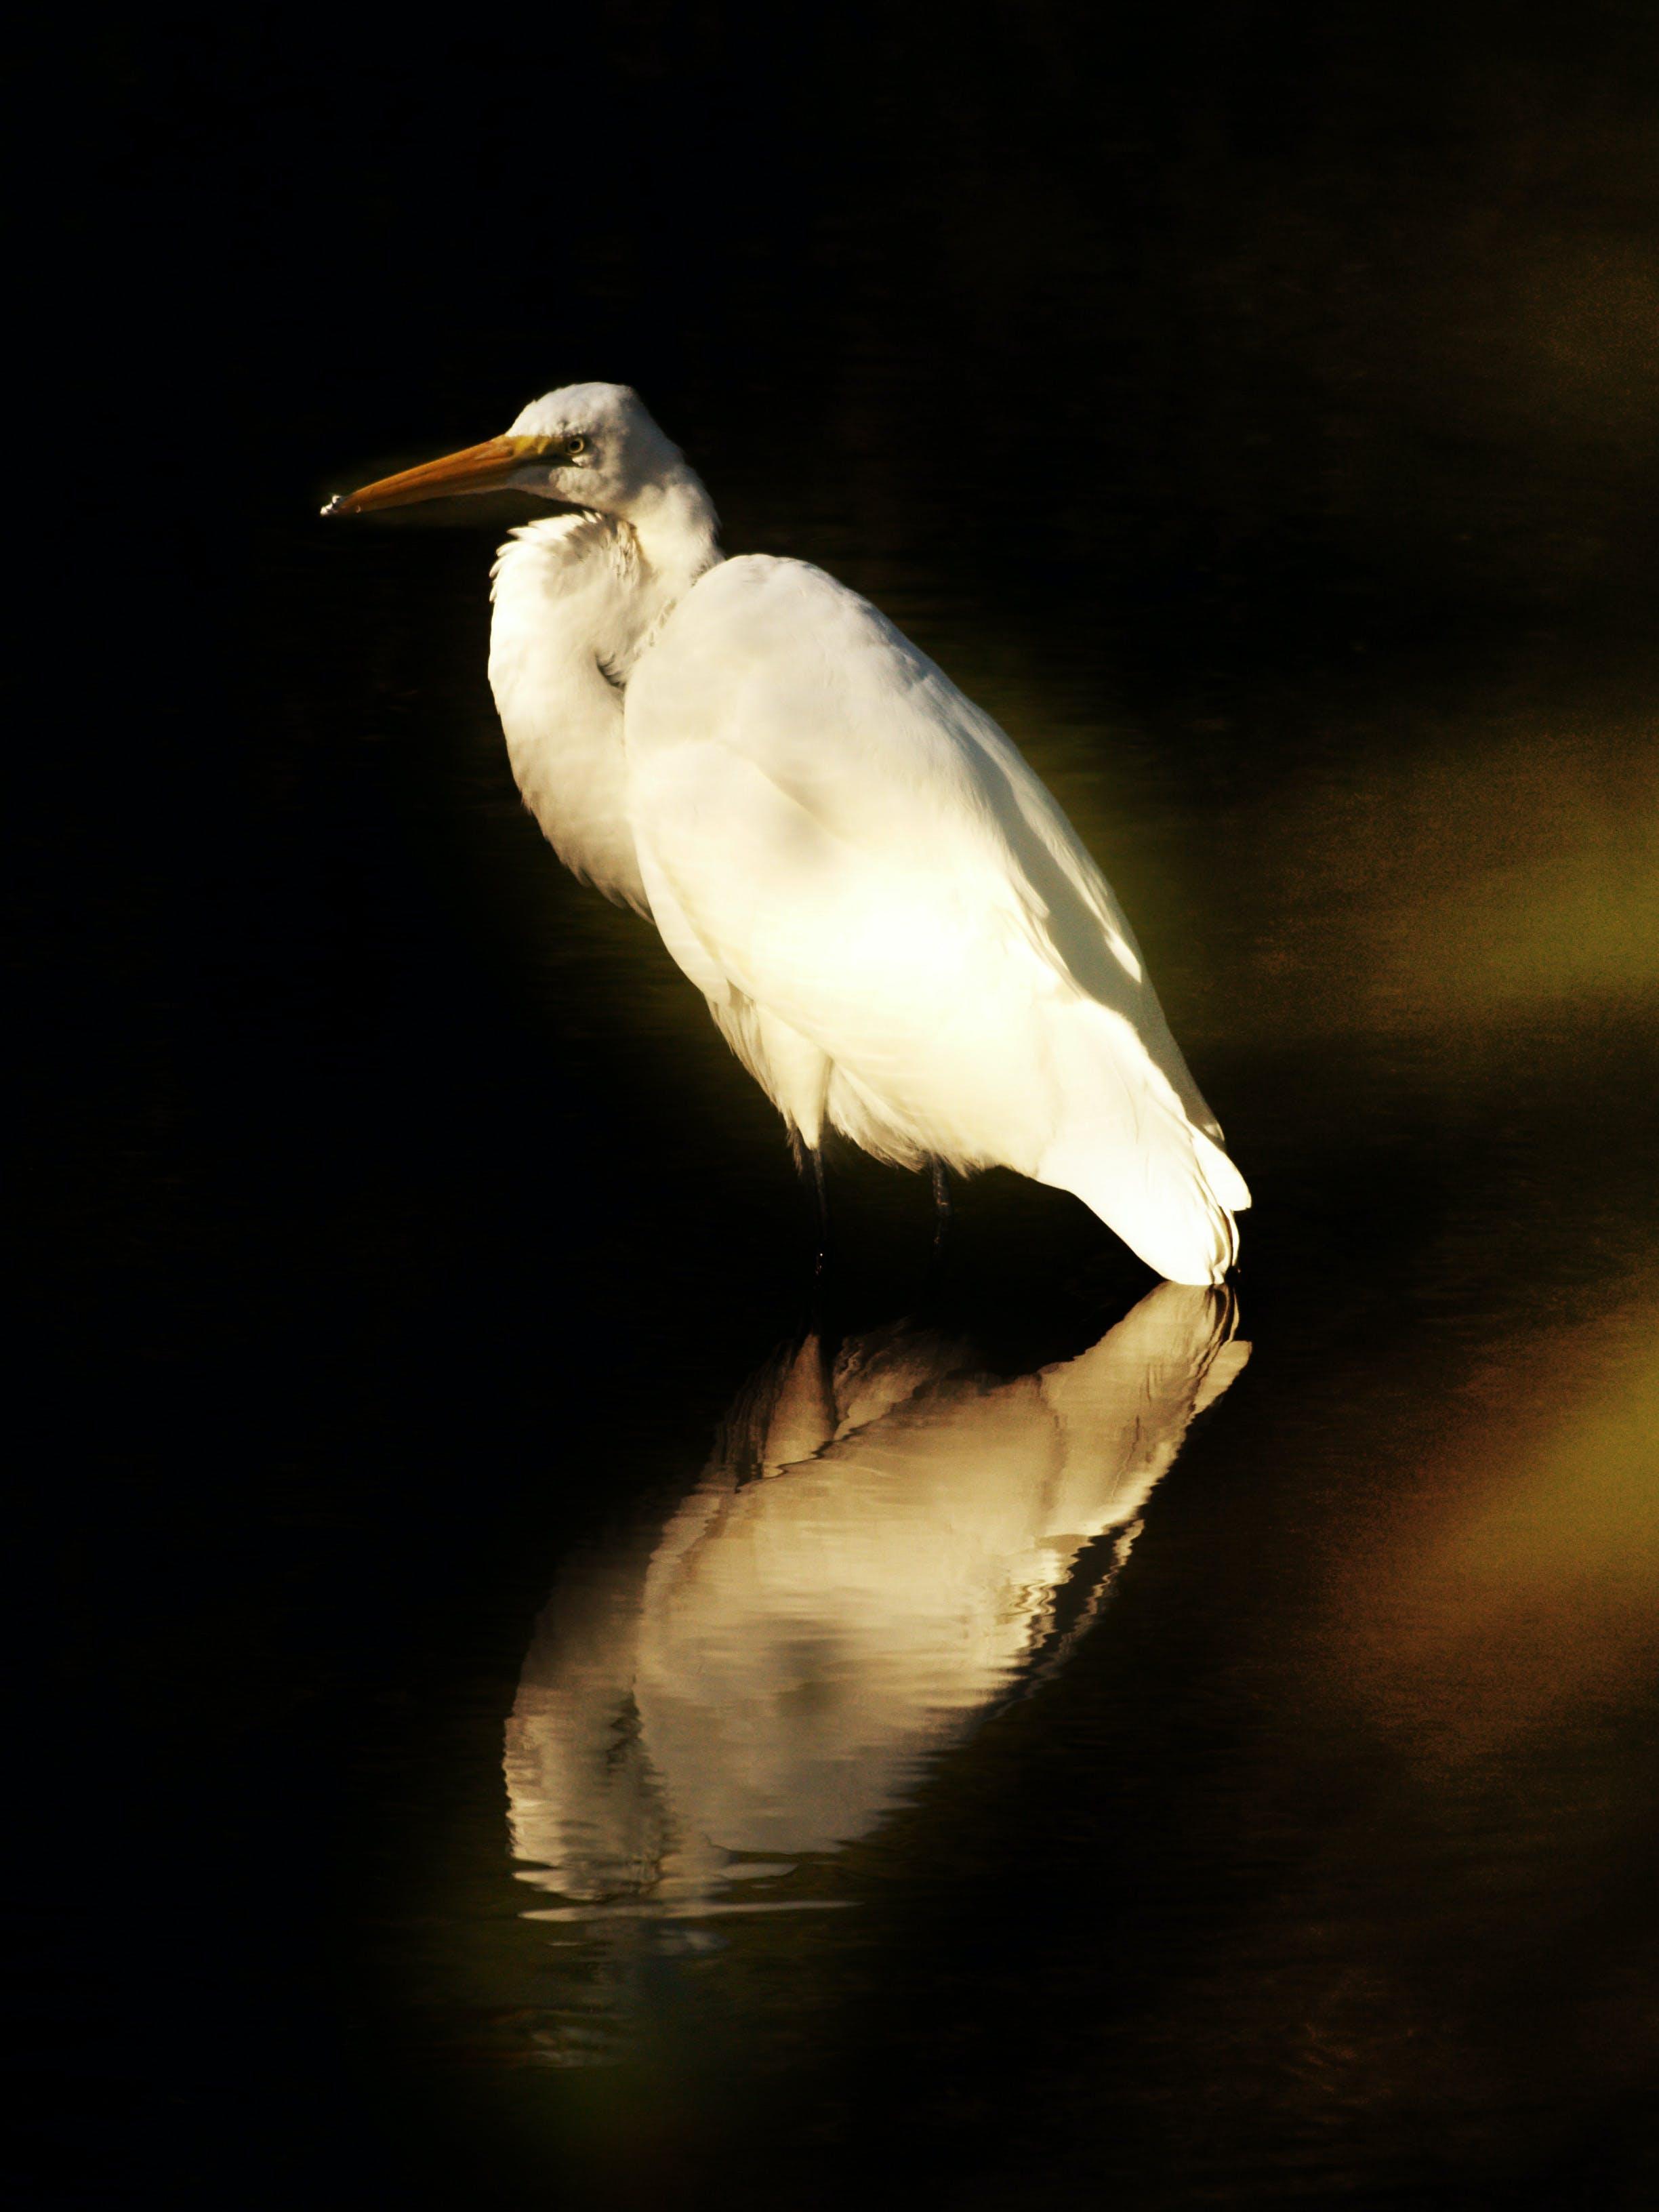 Free stock photo of bird, snowy egret, white bird